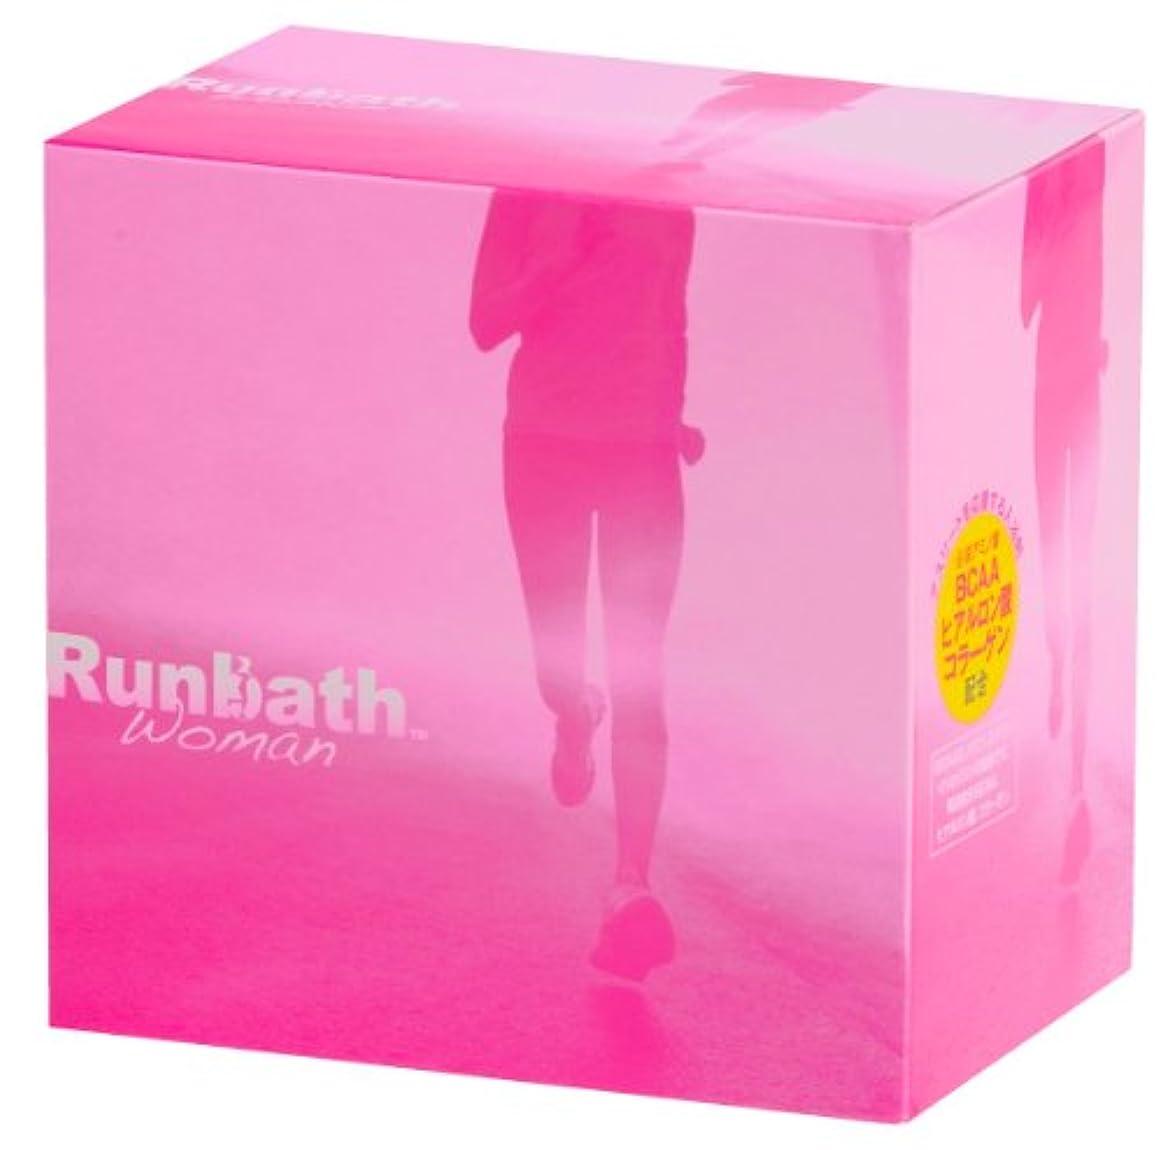 軽減磁石品種Runbath Woman ランバスウーマン